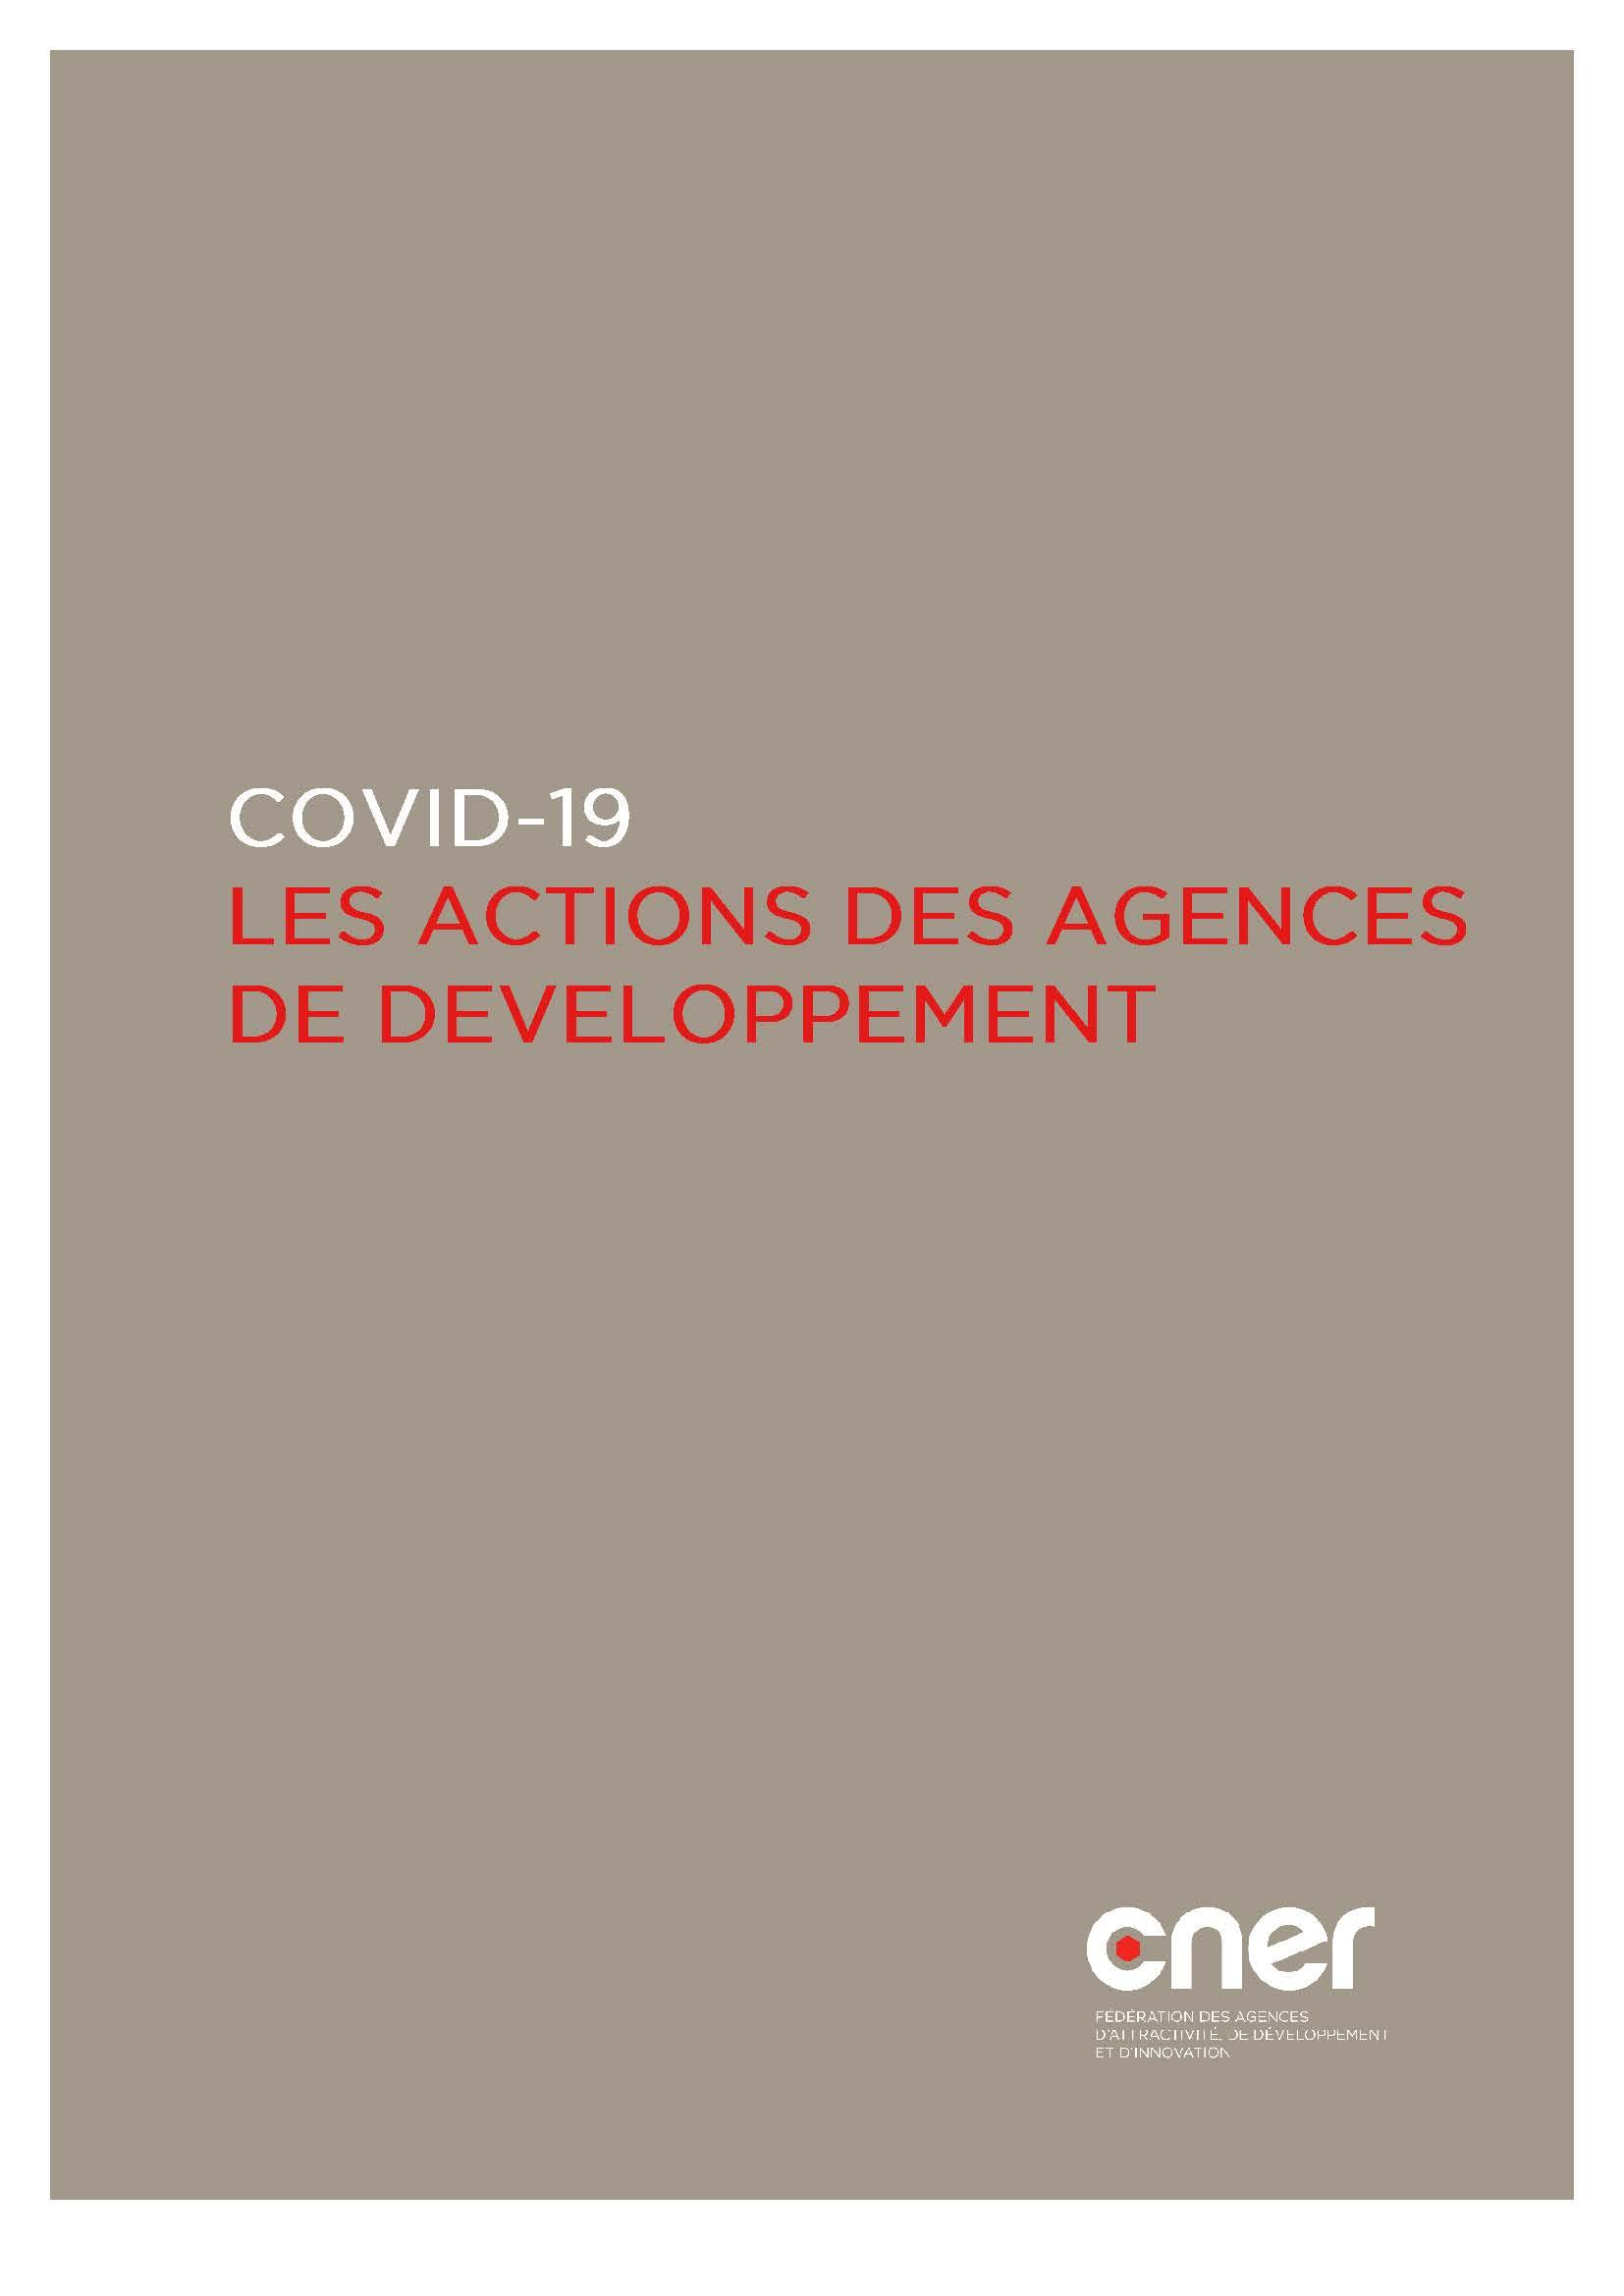 CNER - Actions des agences de developpement durant le Covid-19